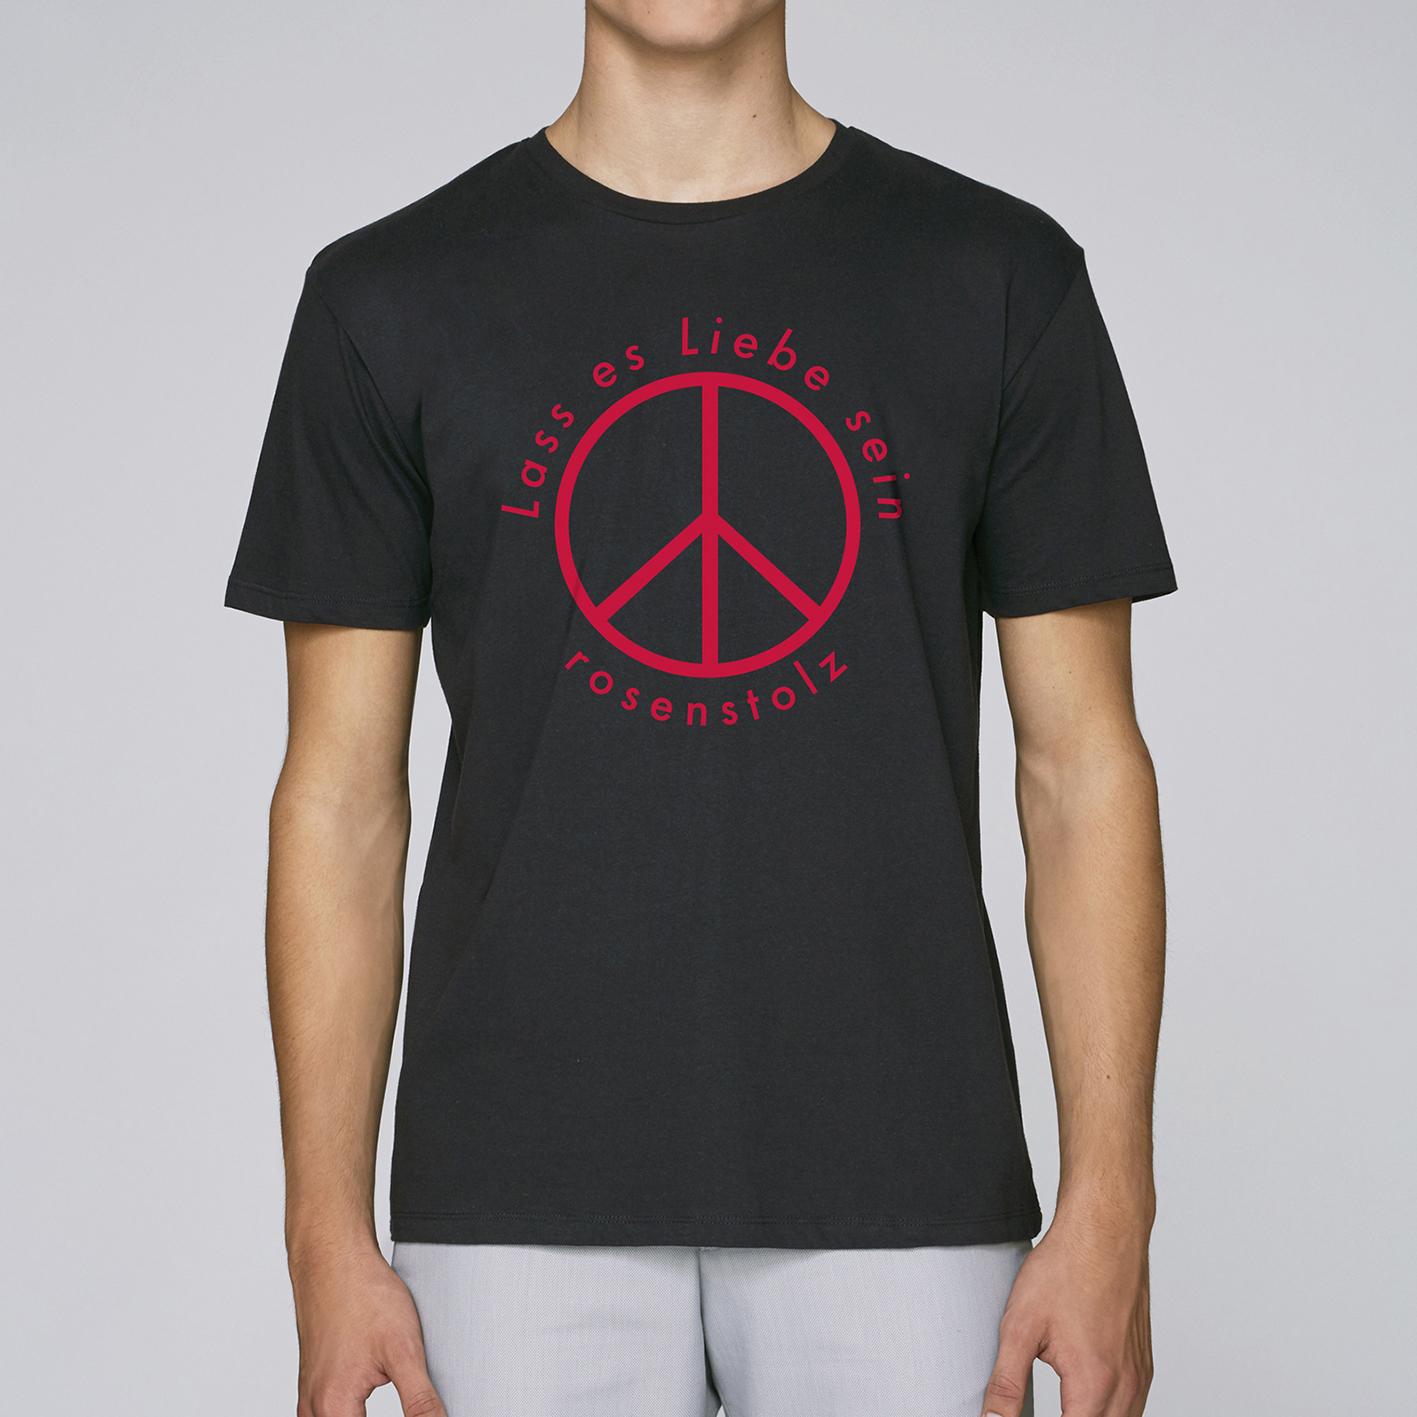 Rosenstolz Lass es Liebe sein Shirt Herren Shirt, schwarz